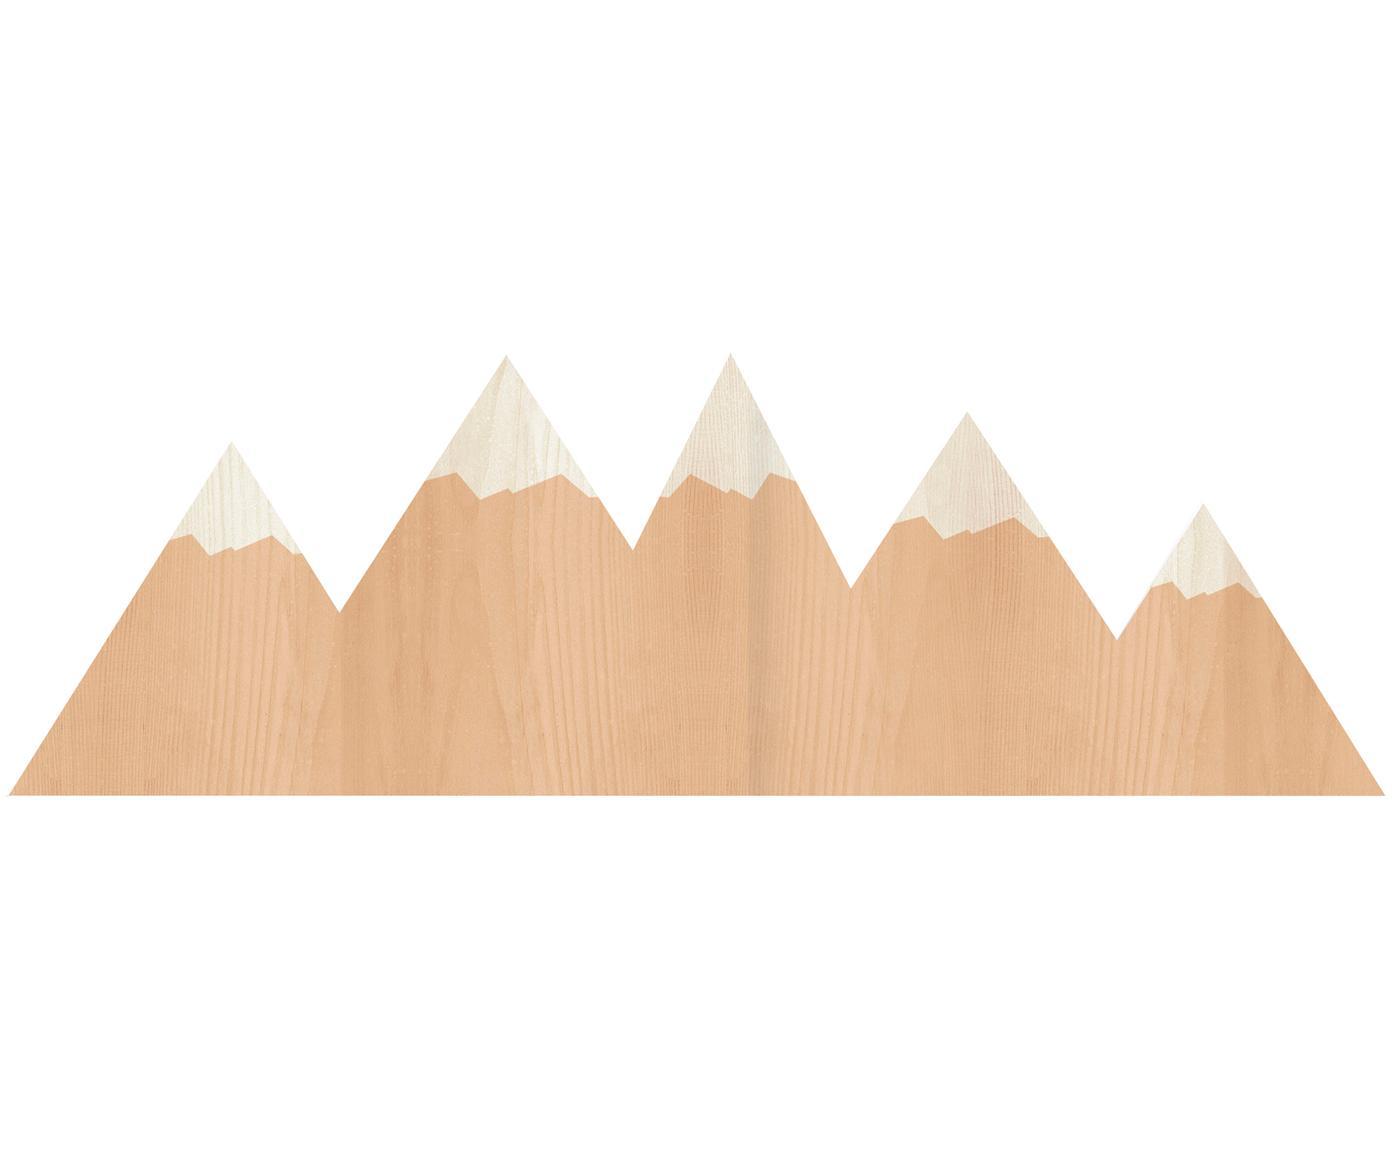 Aplique LED Mountains con enchufe, Lámpara: madera contrachapada, rec, Cable: cubierto en tela, Marrón, crema, An 50 x Al 16 cm